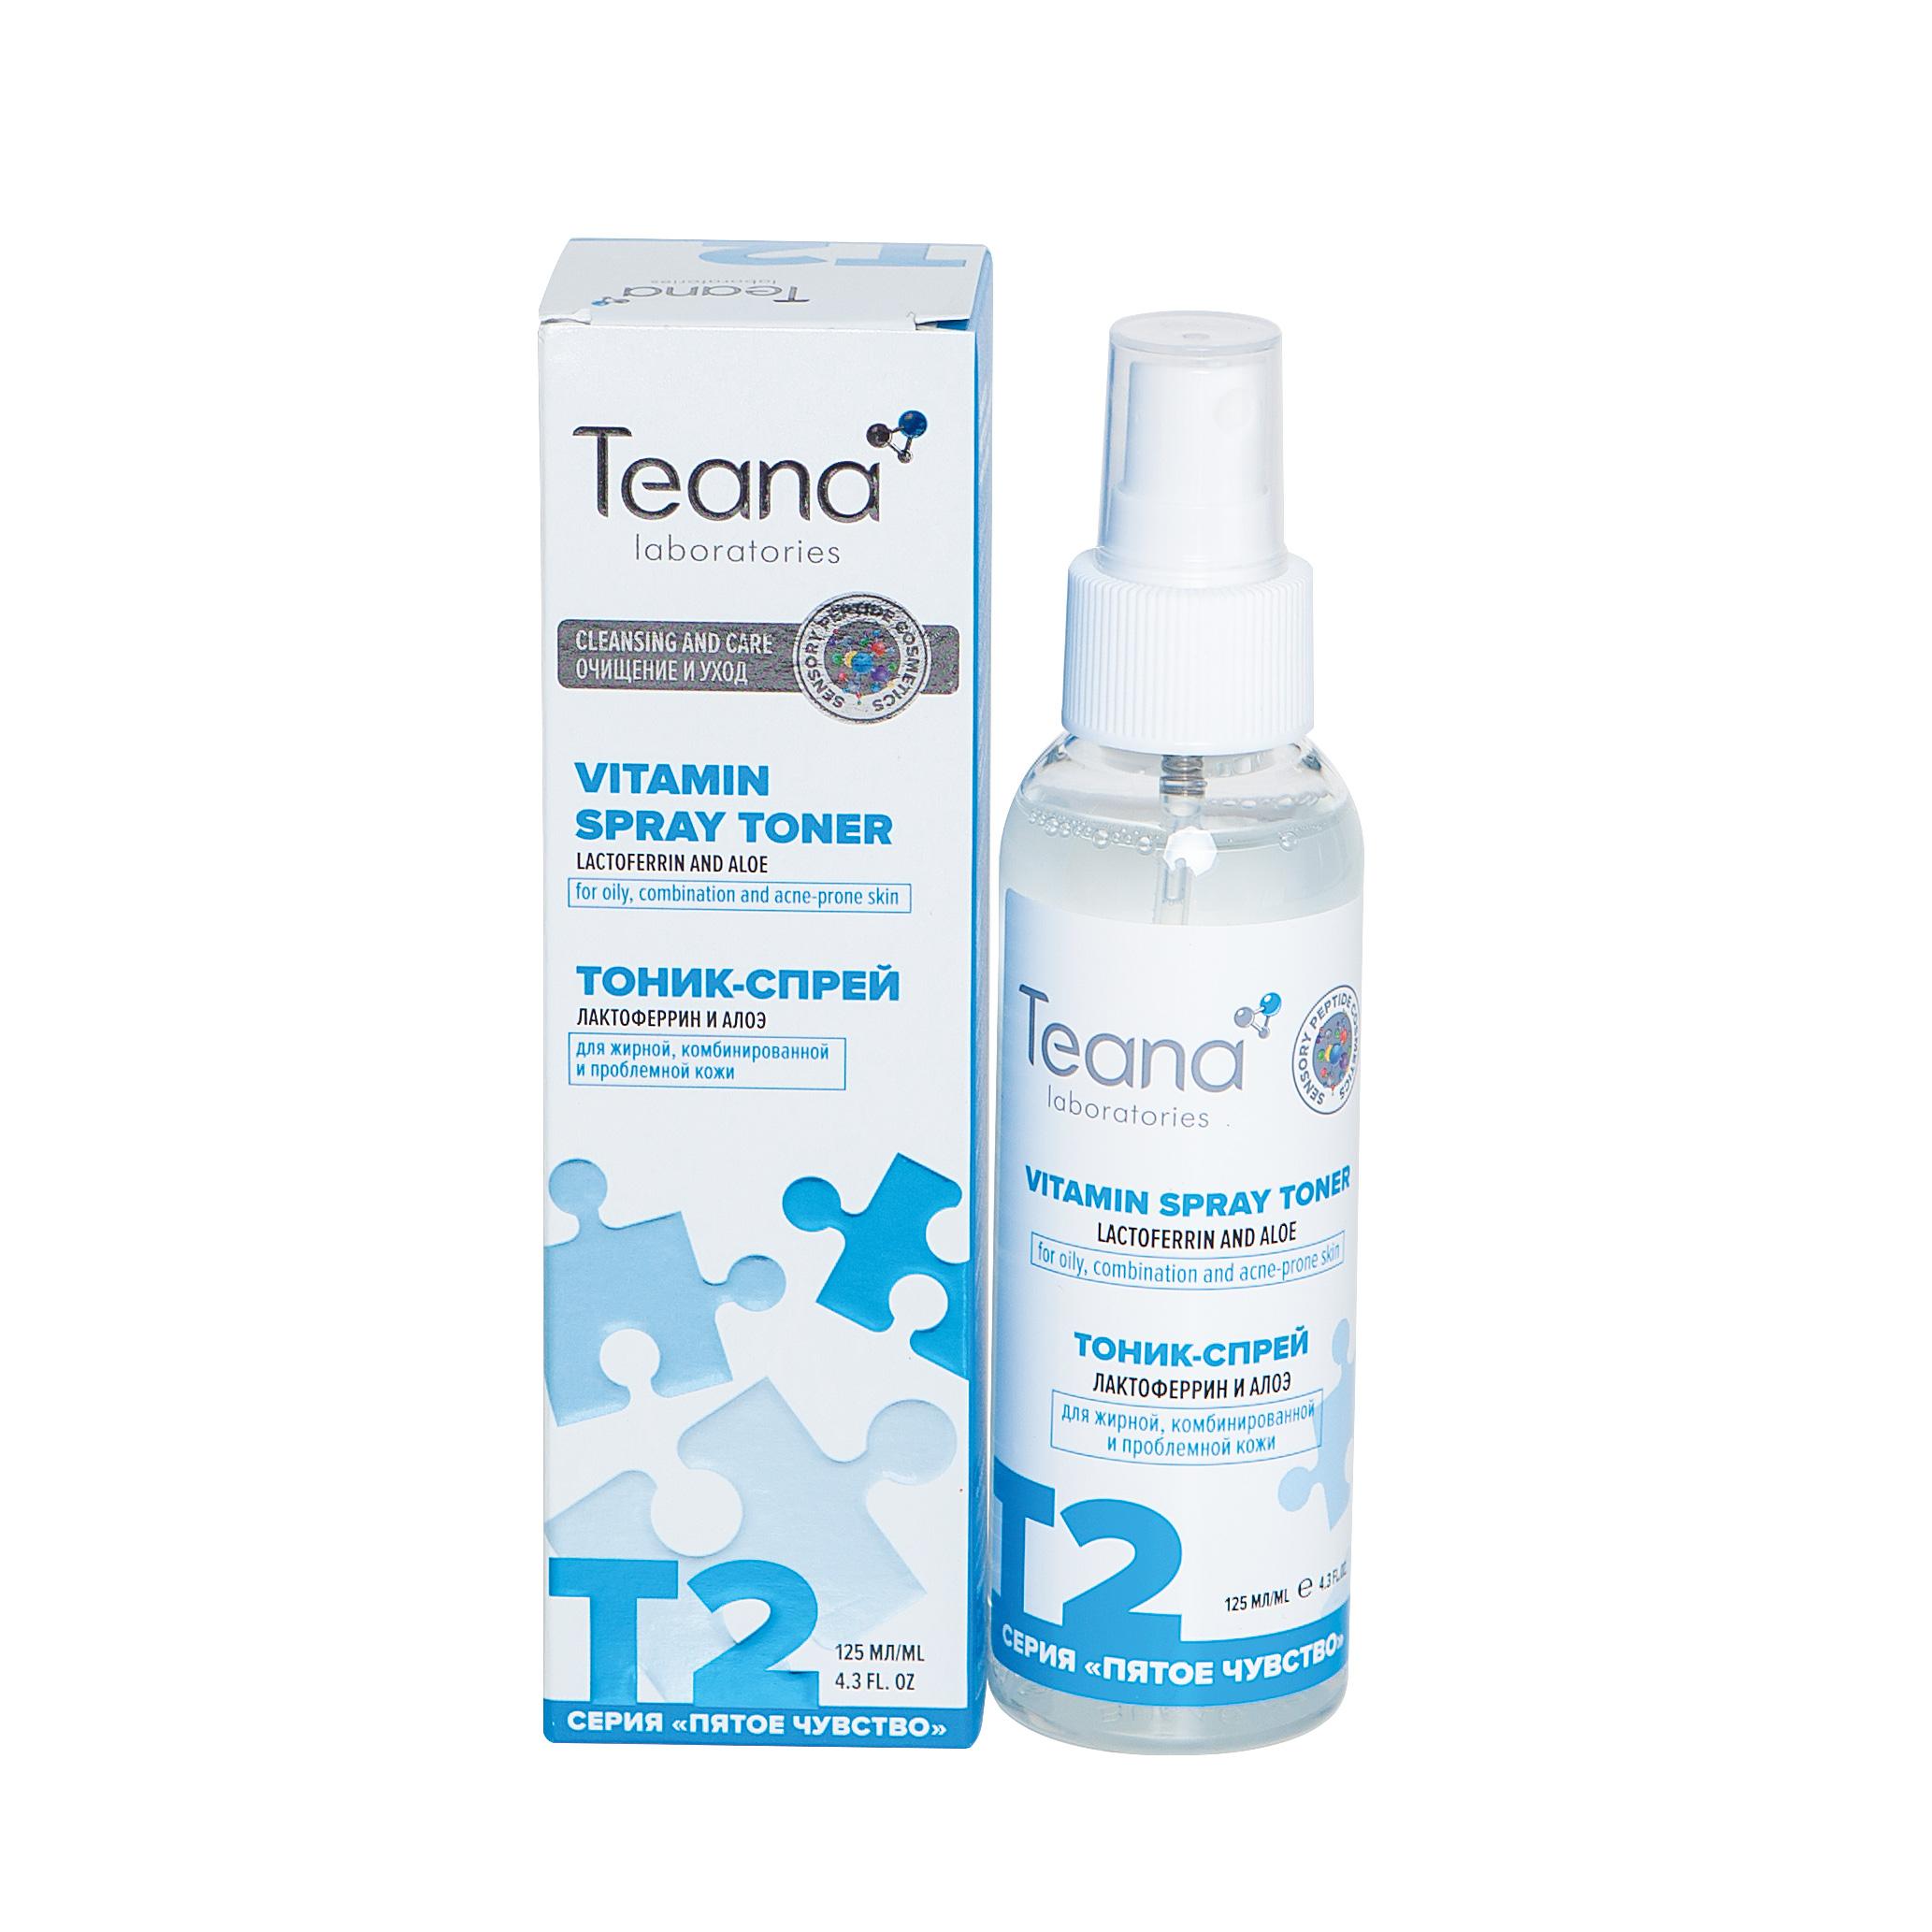 Teana Энергетический матирующий тоник-спрей с лактоферрином для проблемной кожи 150 мл (Teana, Пятое чувство) недорого